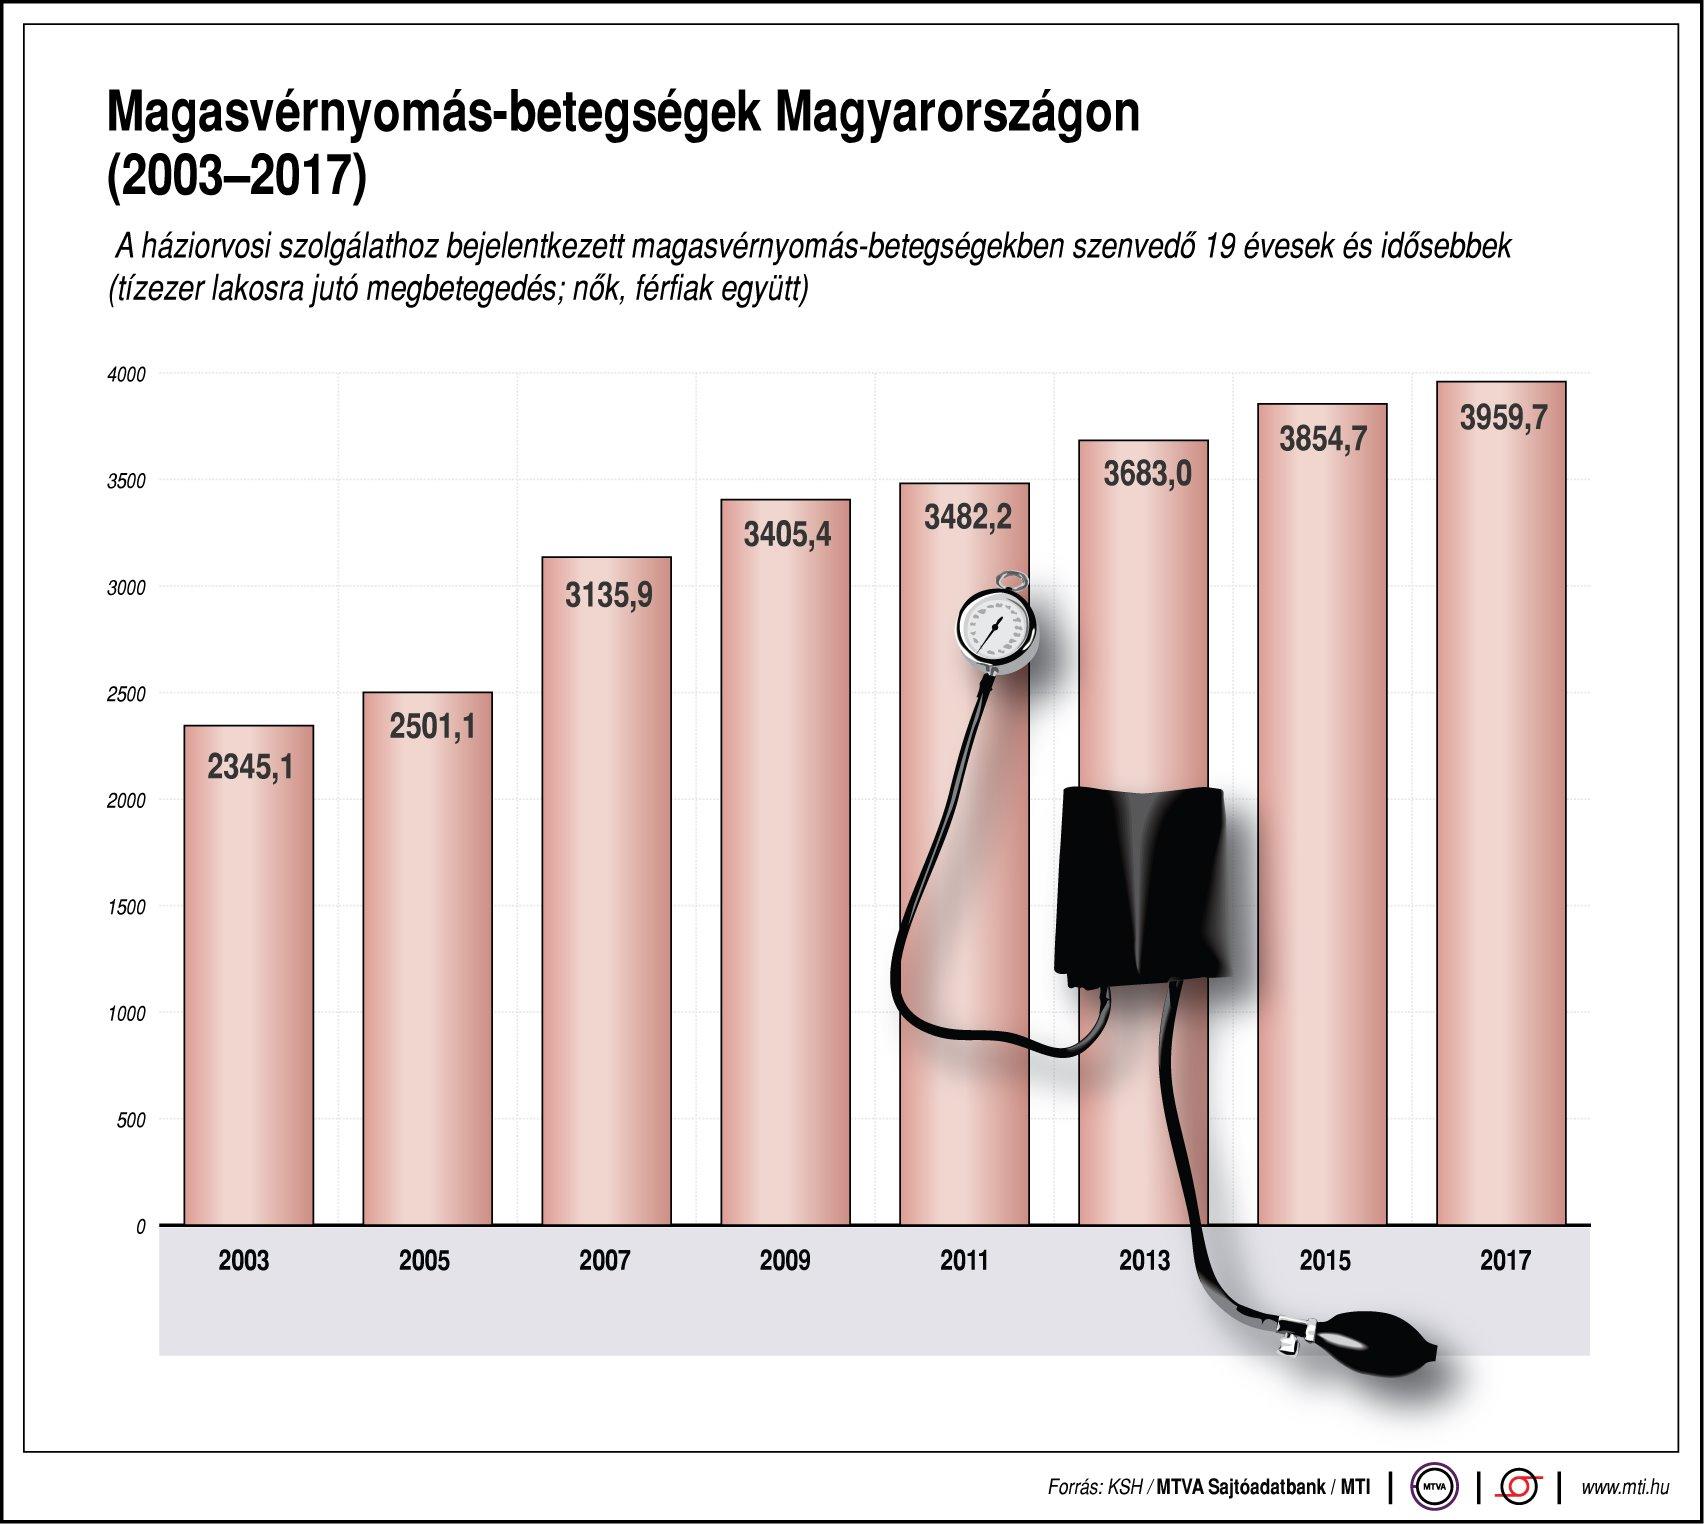 magas vérnyomás nőknél